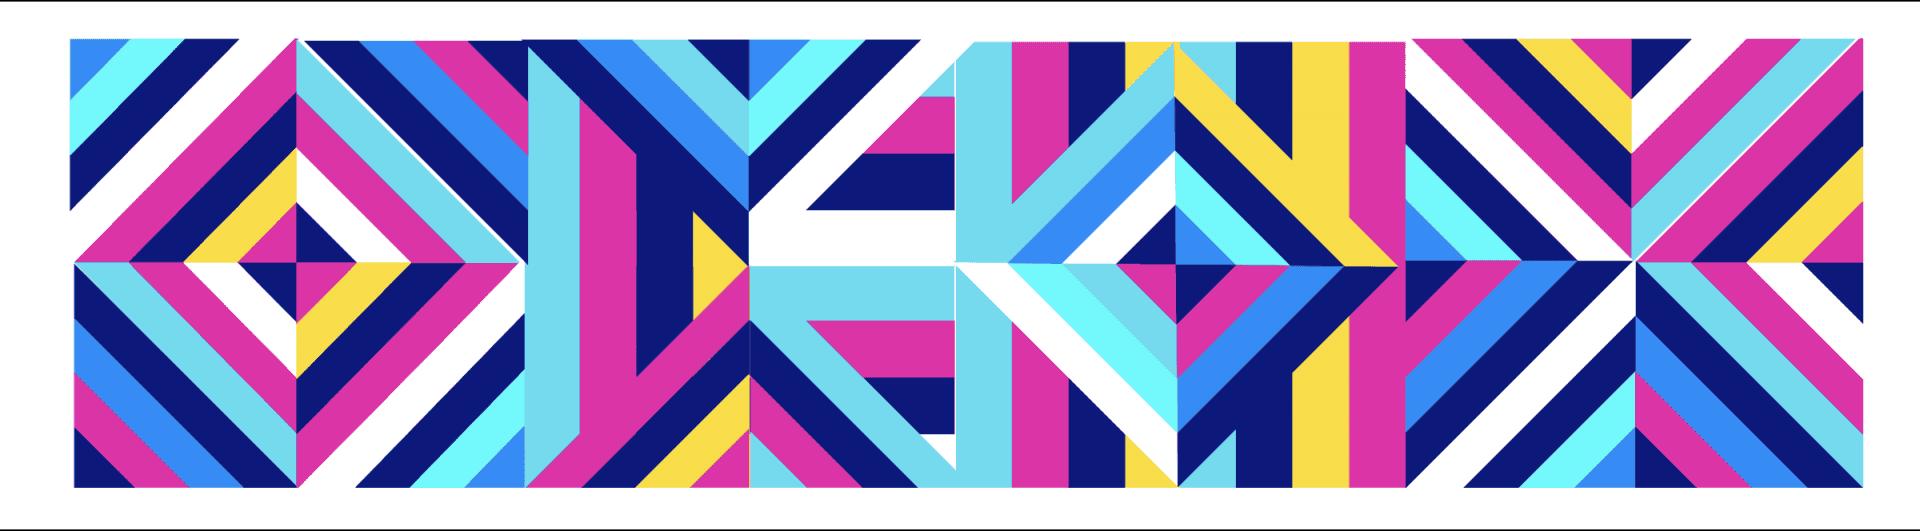 design austin | geometric mural | austin, texas